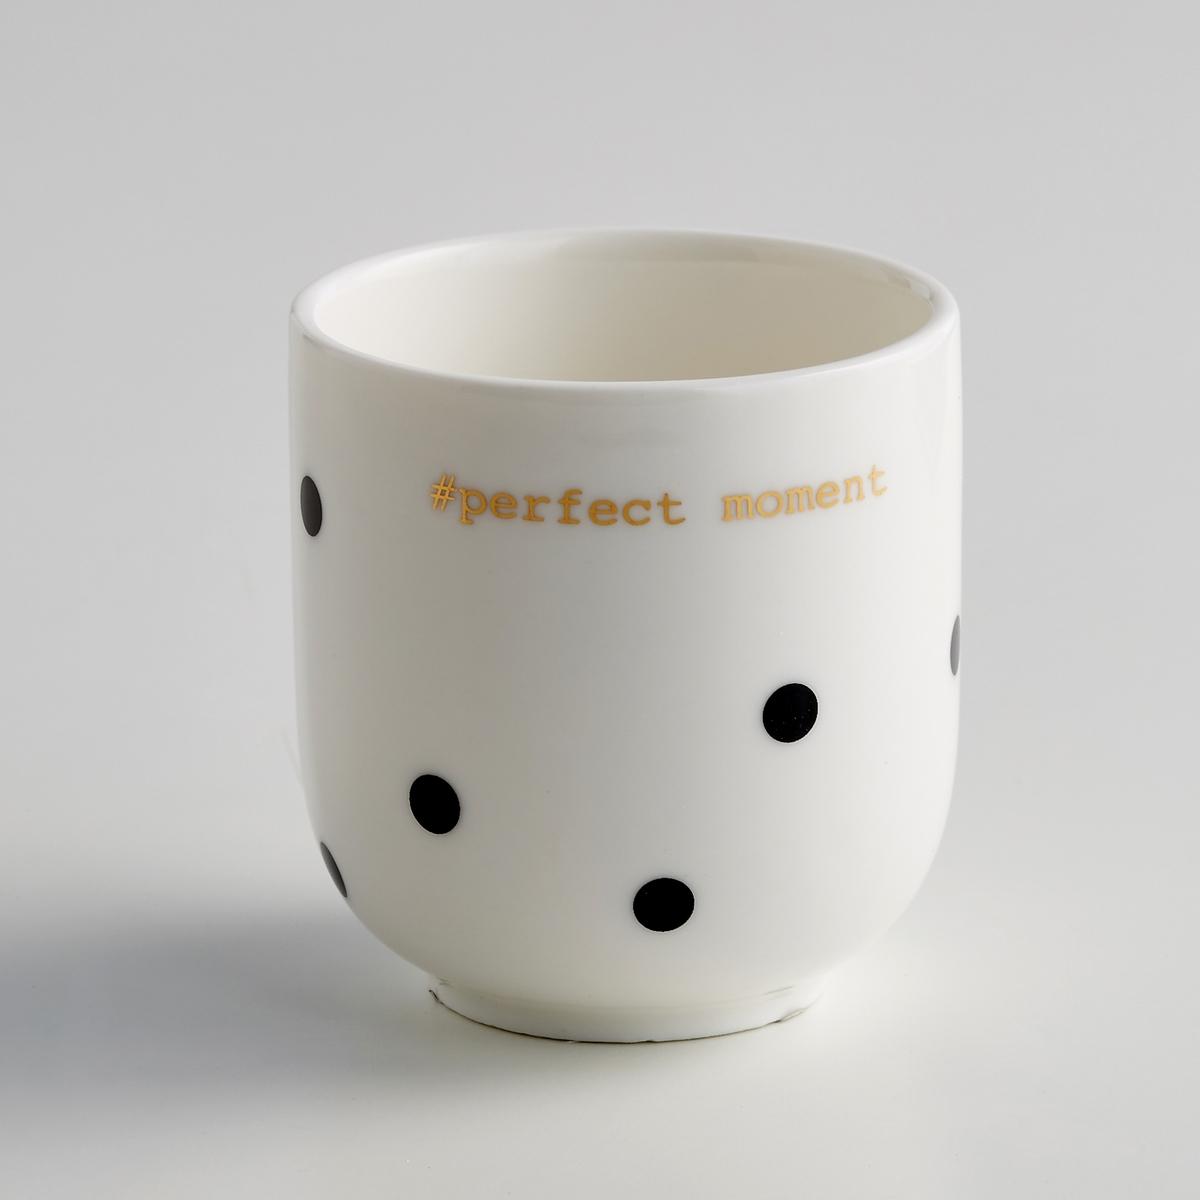 4 кружки для эспрессо из фарфора, Kubler4 кружки для эспрессо из фарфора, Kubler  . Изящный и благородный рисунок в горох чёрного цвета и золотистая надпись #Perfect moment. Характеристики 4 кружек для эспрессо из фарфора, Kubler Kubler  :- Чашки для эспрессо из фарфора  - Диаметр : 6 см.- Высота : 7 см- Объем : 150 мл - Подходят для мытья в посудомоечной машине- Не подходят для микроволновой печи  - Продаются в комплекте из 4 штук Найдите комплект посуды Kubler на нашем сайте laredoute.ru<br><br>Цвет: в горошек черный/фон белый